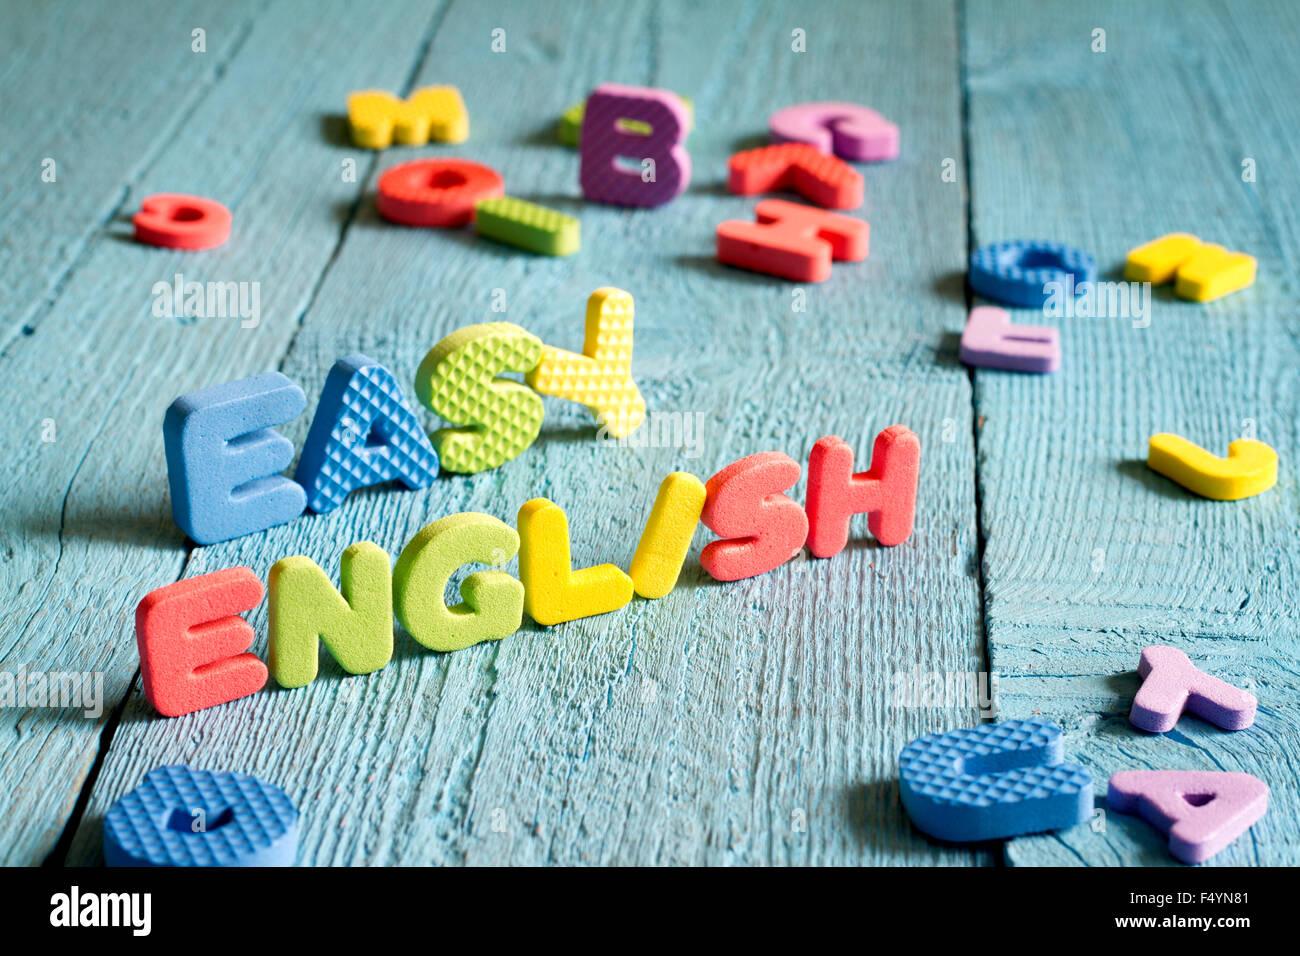 Englisch ist leicht zu lernen-Konzept mit Buchstaben auf blauen Tafeln Konzept Stockbild